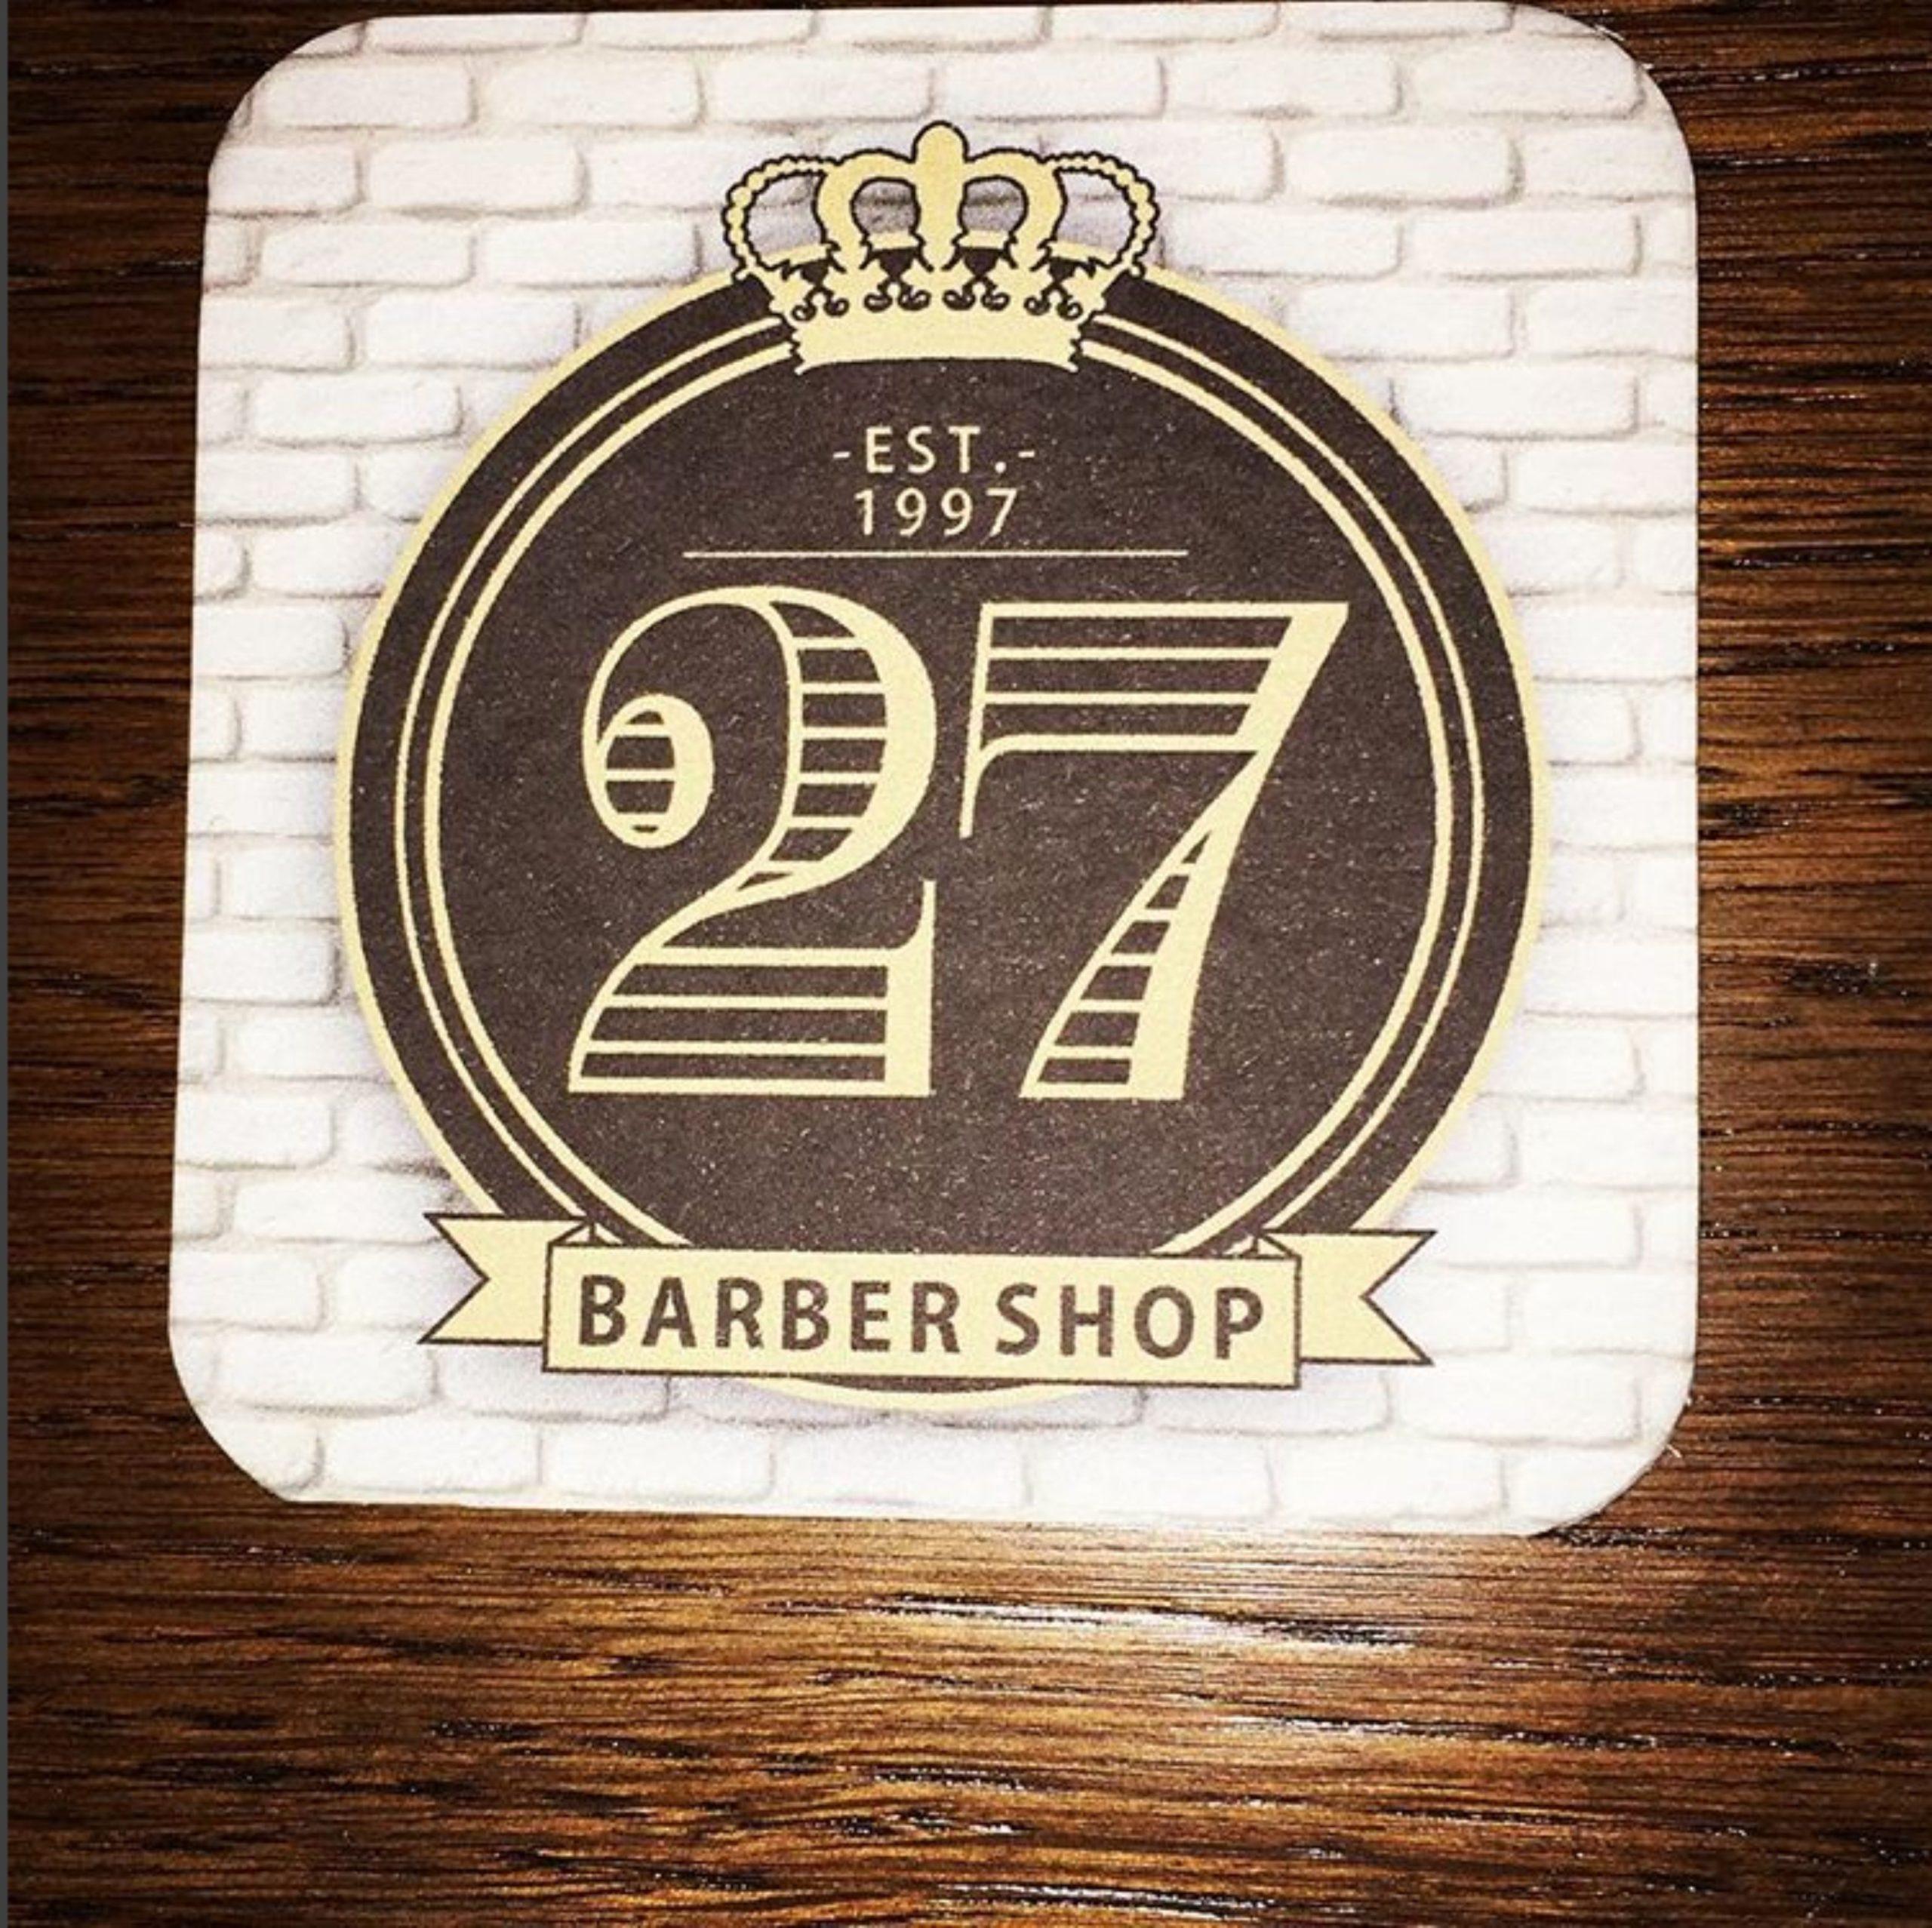 MASTROINCHIOSTRO_tipografia_studio_grafico_logo_brand_barber27